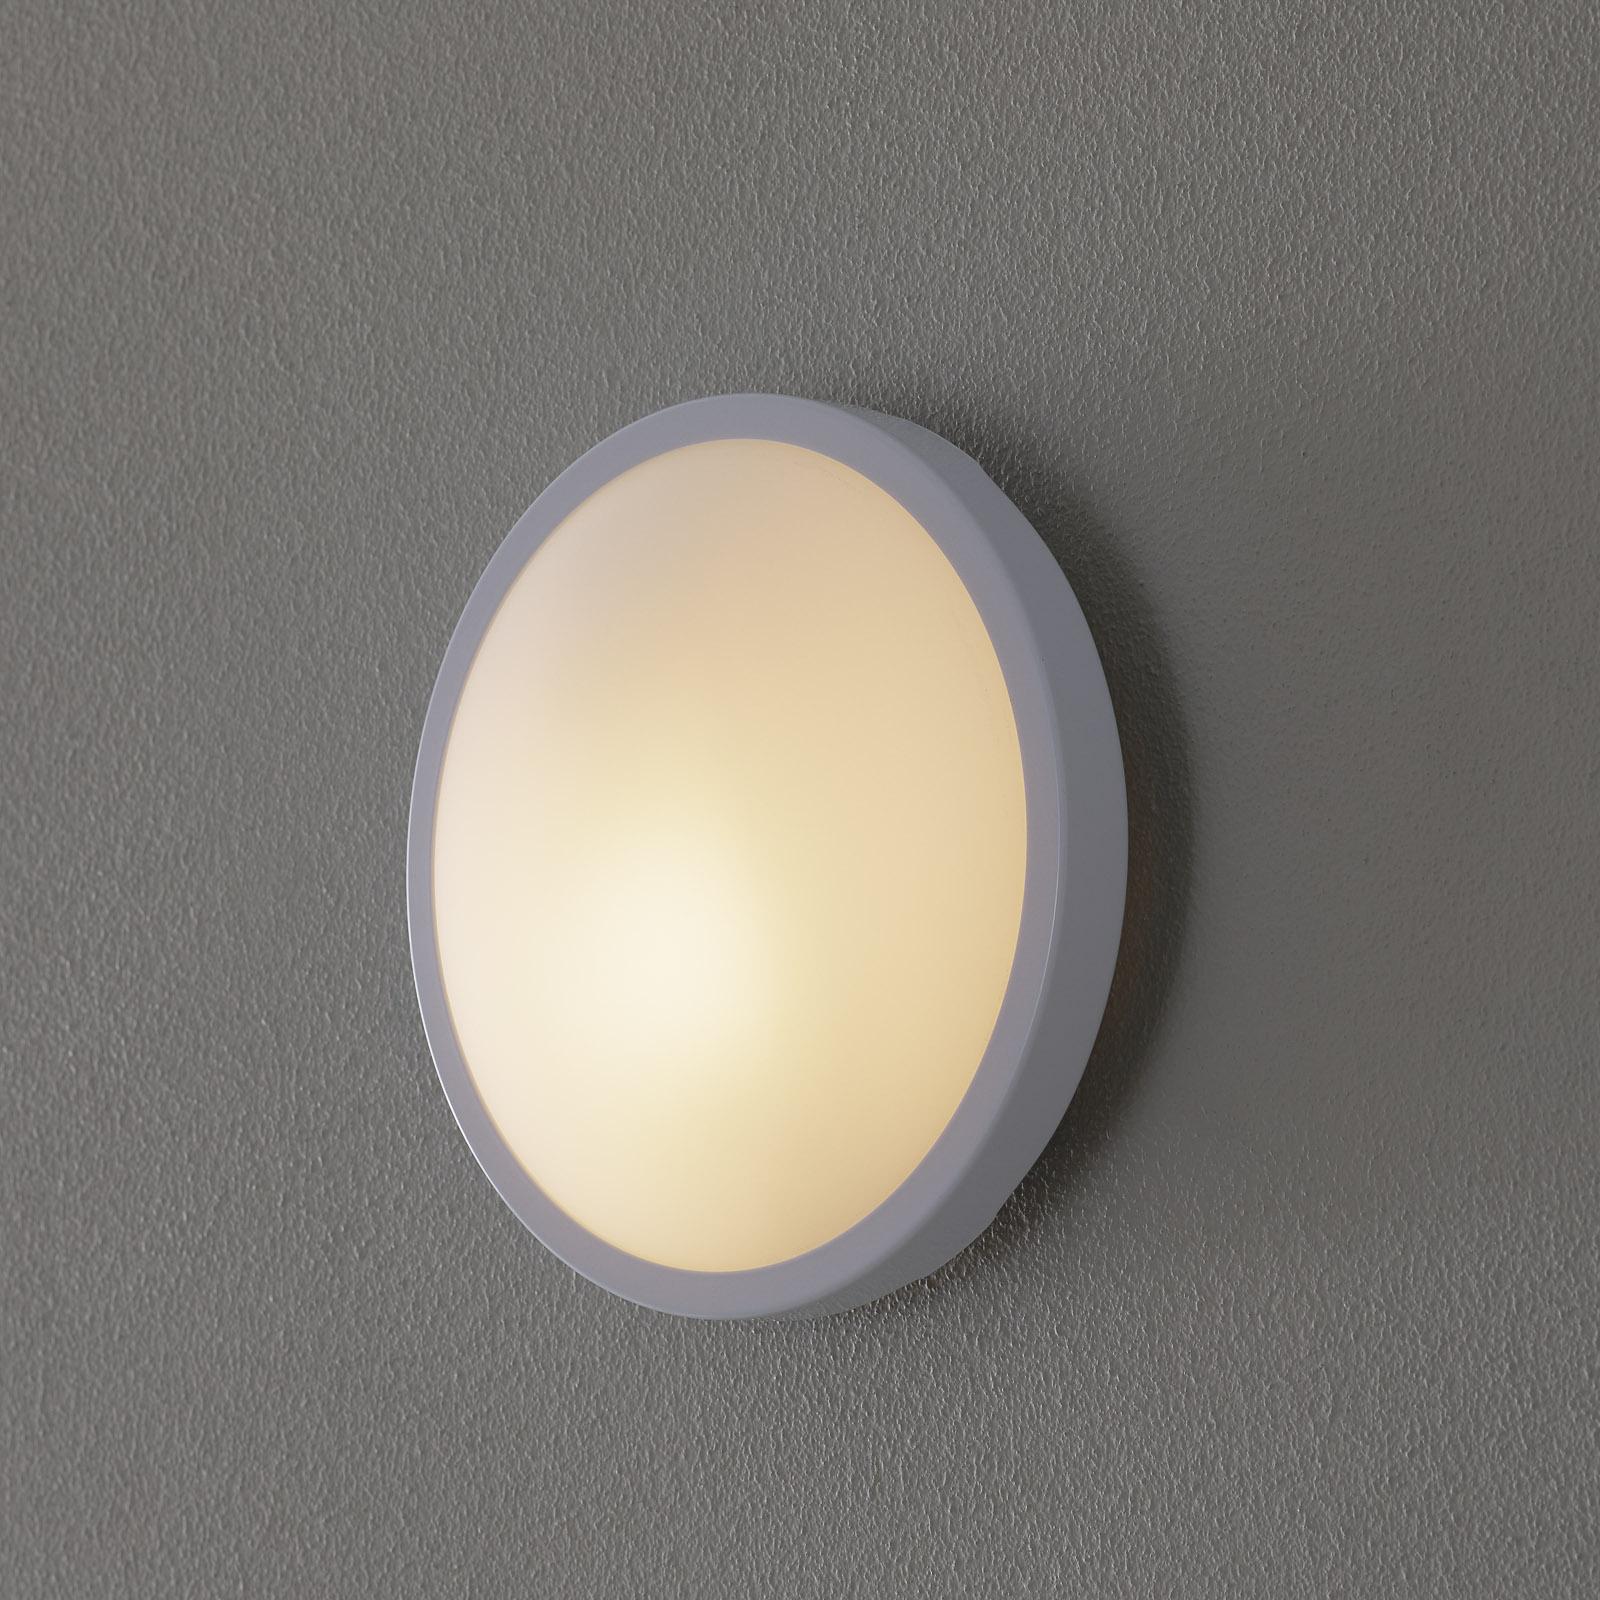 PLAZA lampa sufitowa i ścienna 21,5cm biała